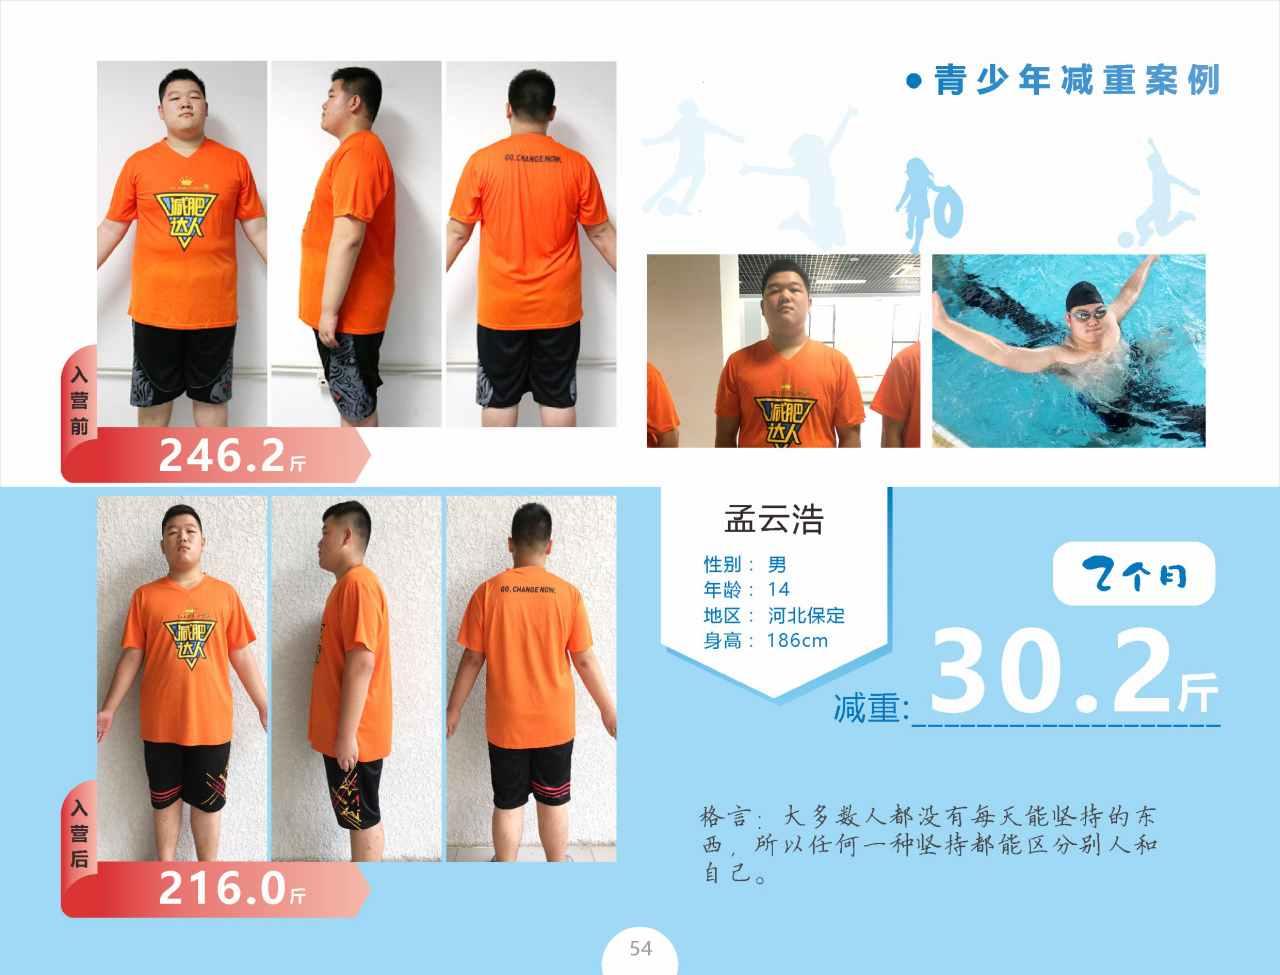 青少年减肥案例孟云浩减重30.2斤